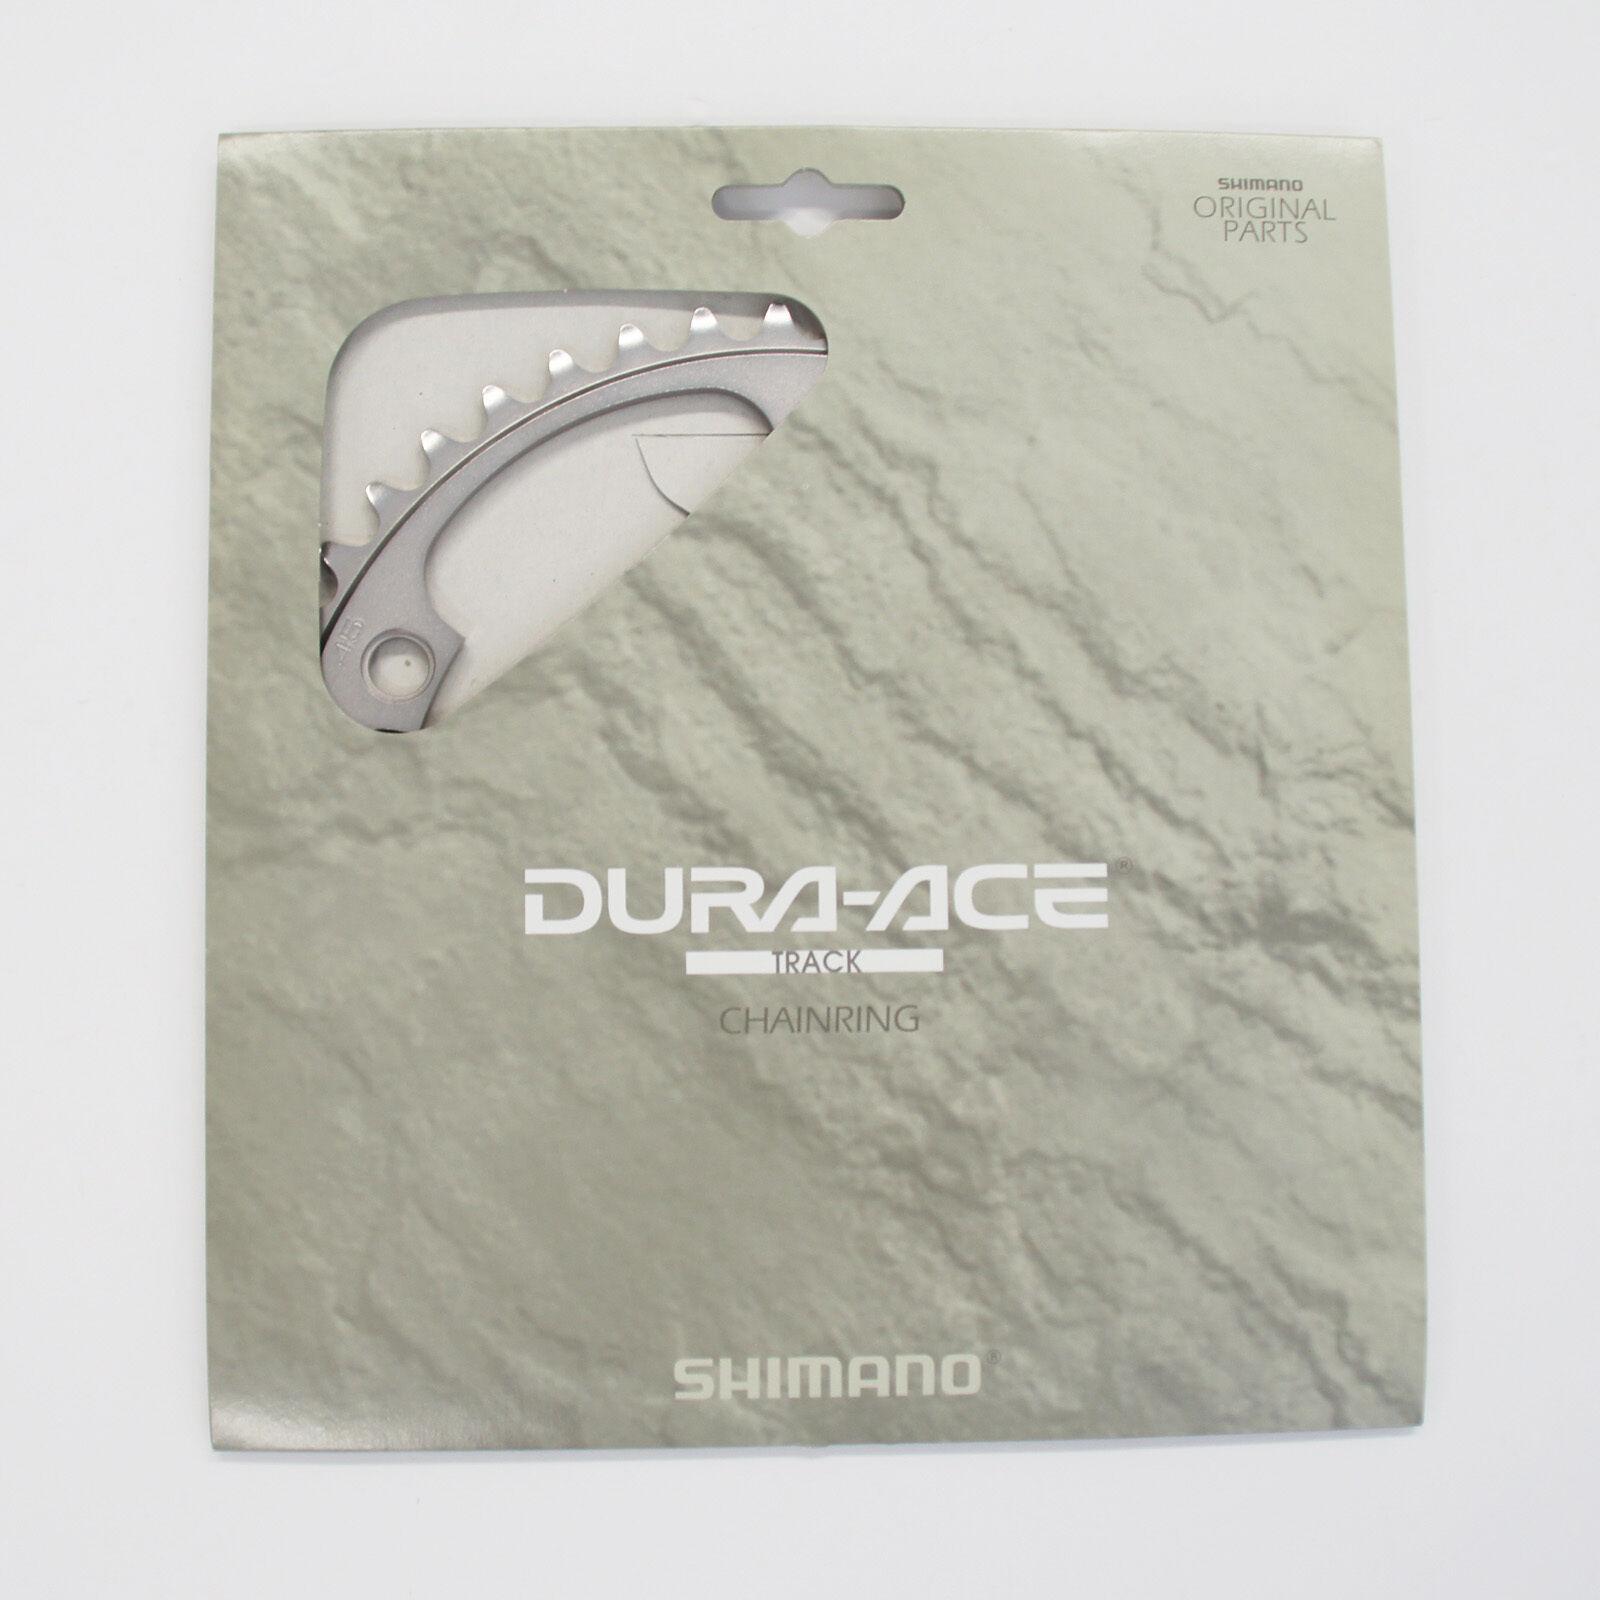 Shimano DURA-ACE pista FC-7710 45T 1 2  X 1 8  Plato (NJS) Y16S45001